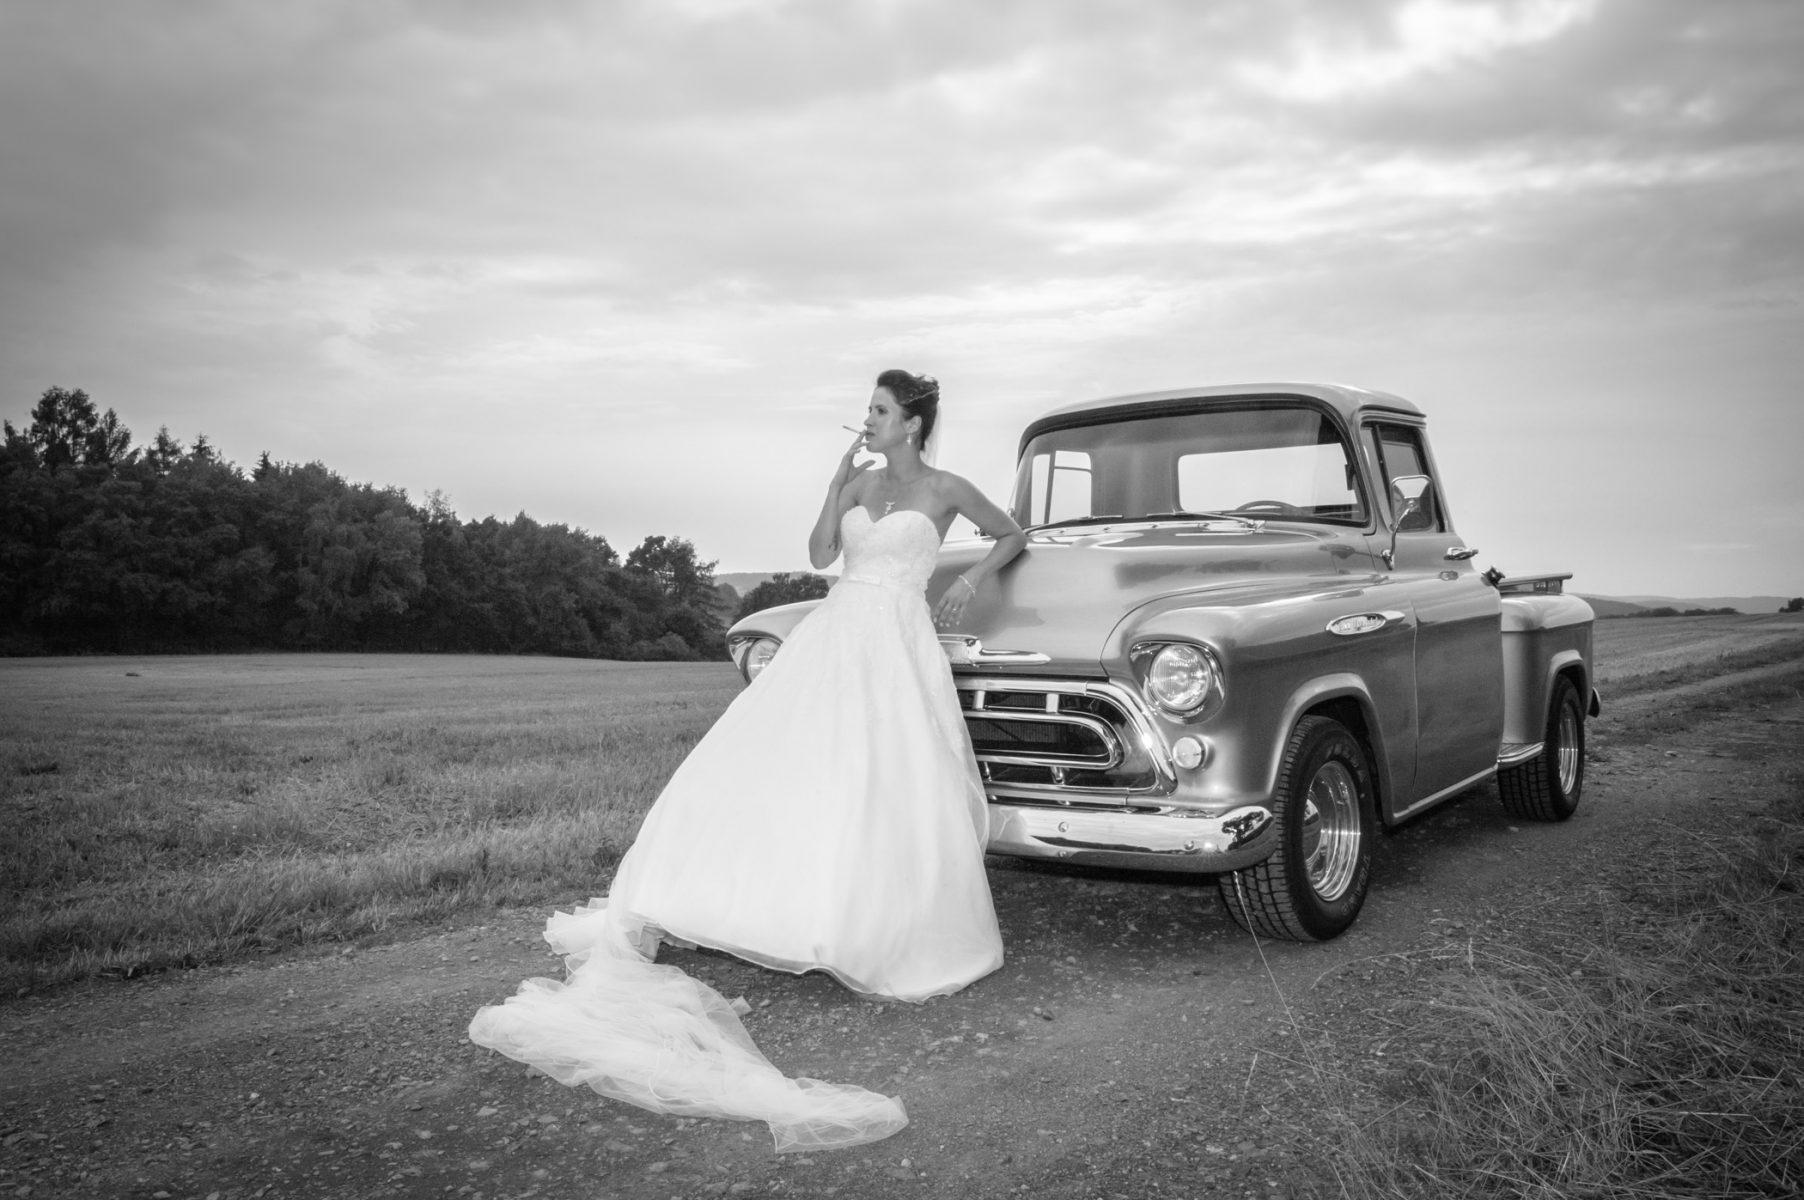 Hochzeit Paarfotos M PE2018 226542 1804x1200 - ZWEISAM